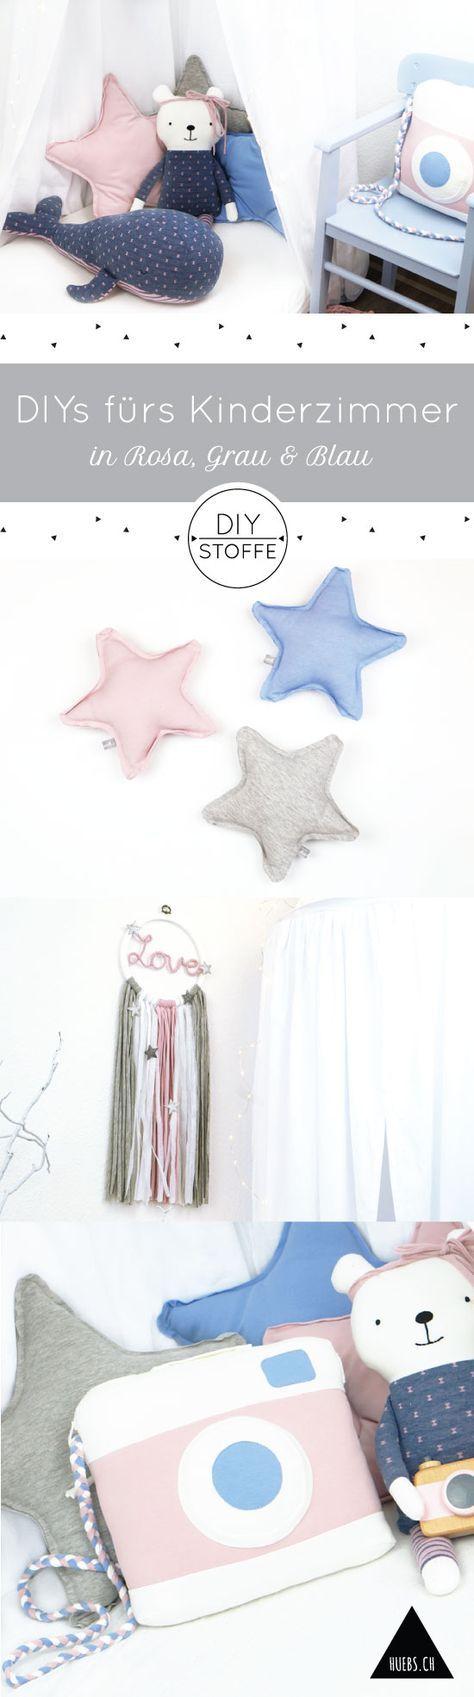 9 besten Deko Bilder auf Pinterest | Diy dekoration ...